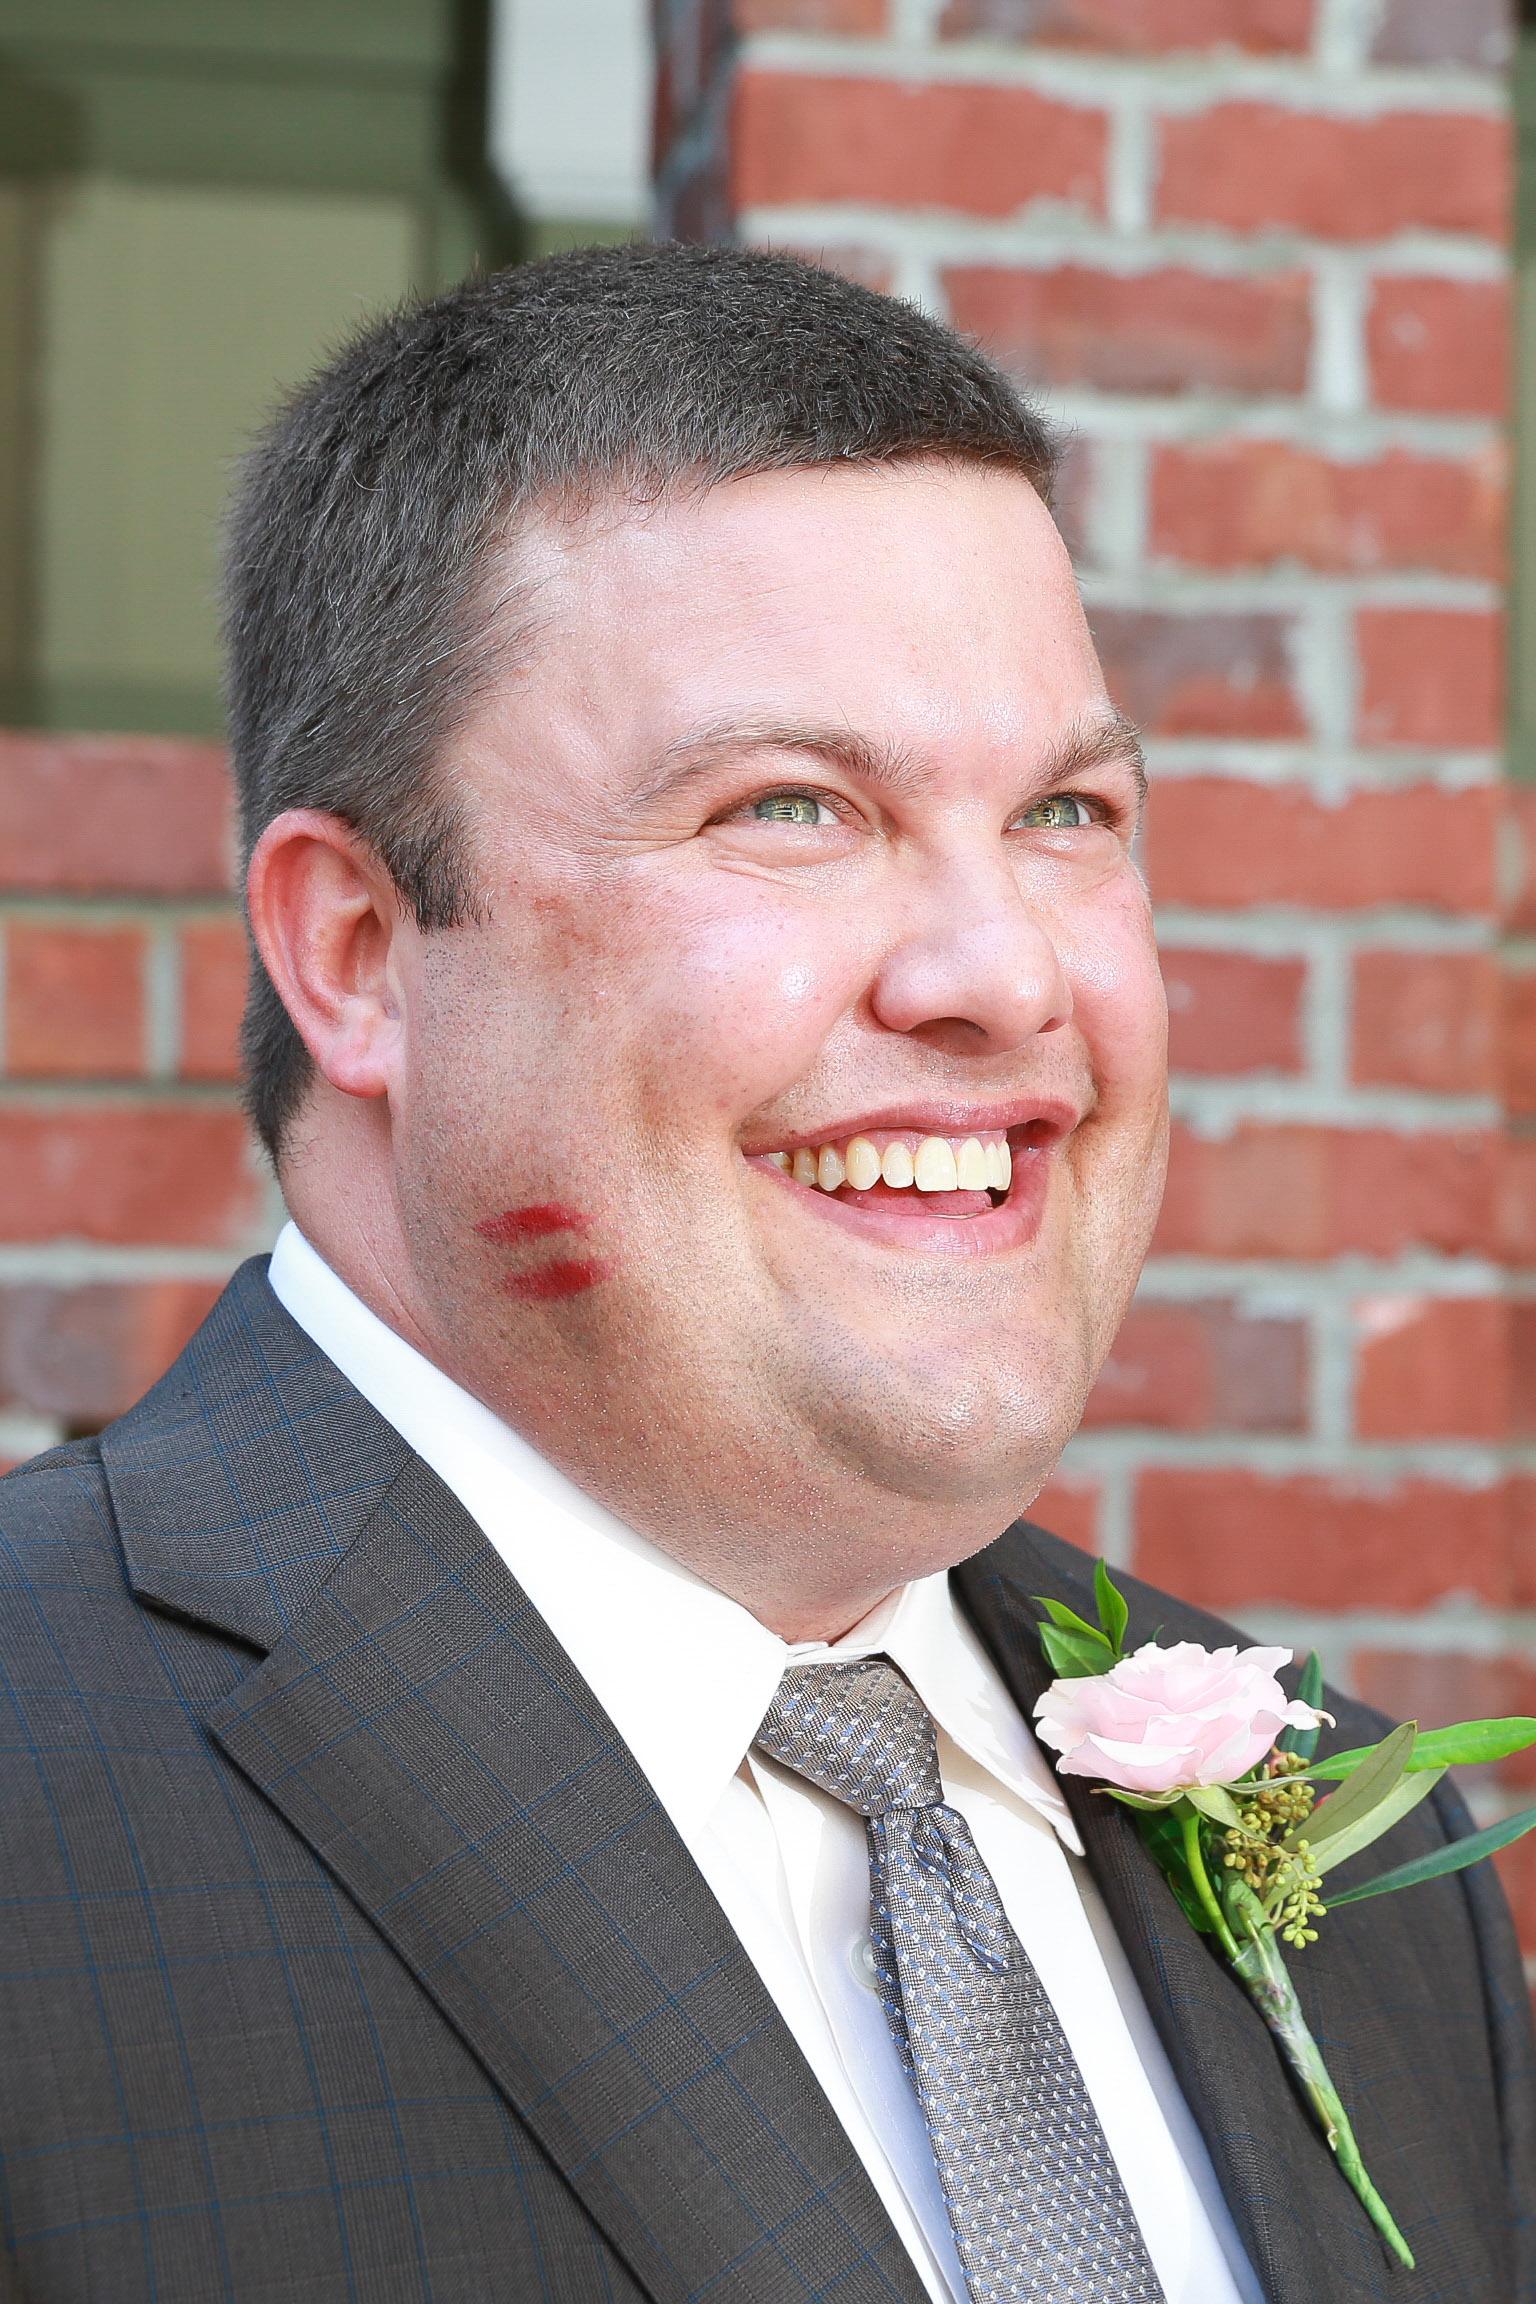 Myrtle Beach Wedding Photographer-88.jpg